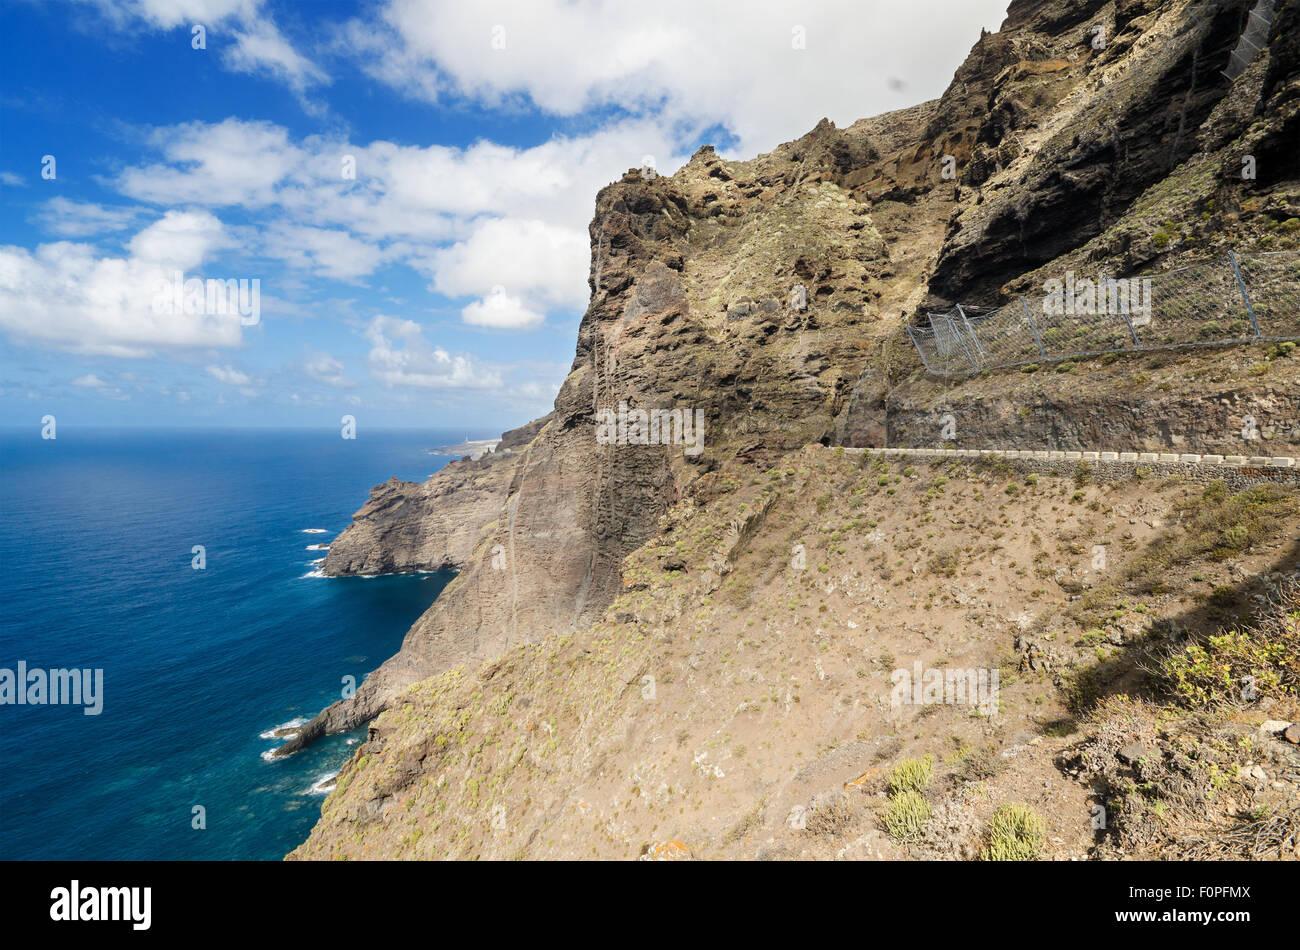 Malerische Küste Landschaft, Punta de Teno, Teneriffa Kanarische Inseln, Spanien. Stockbild